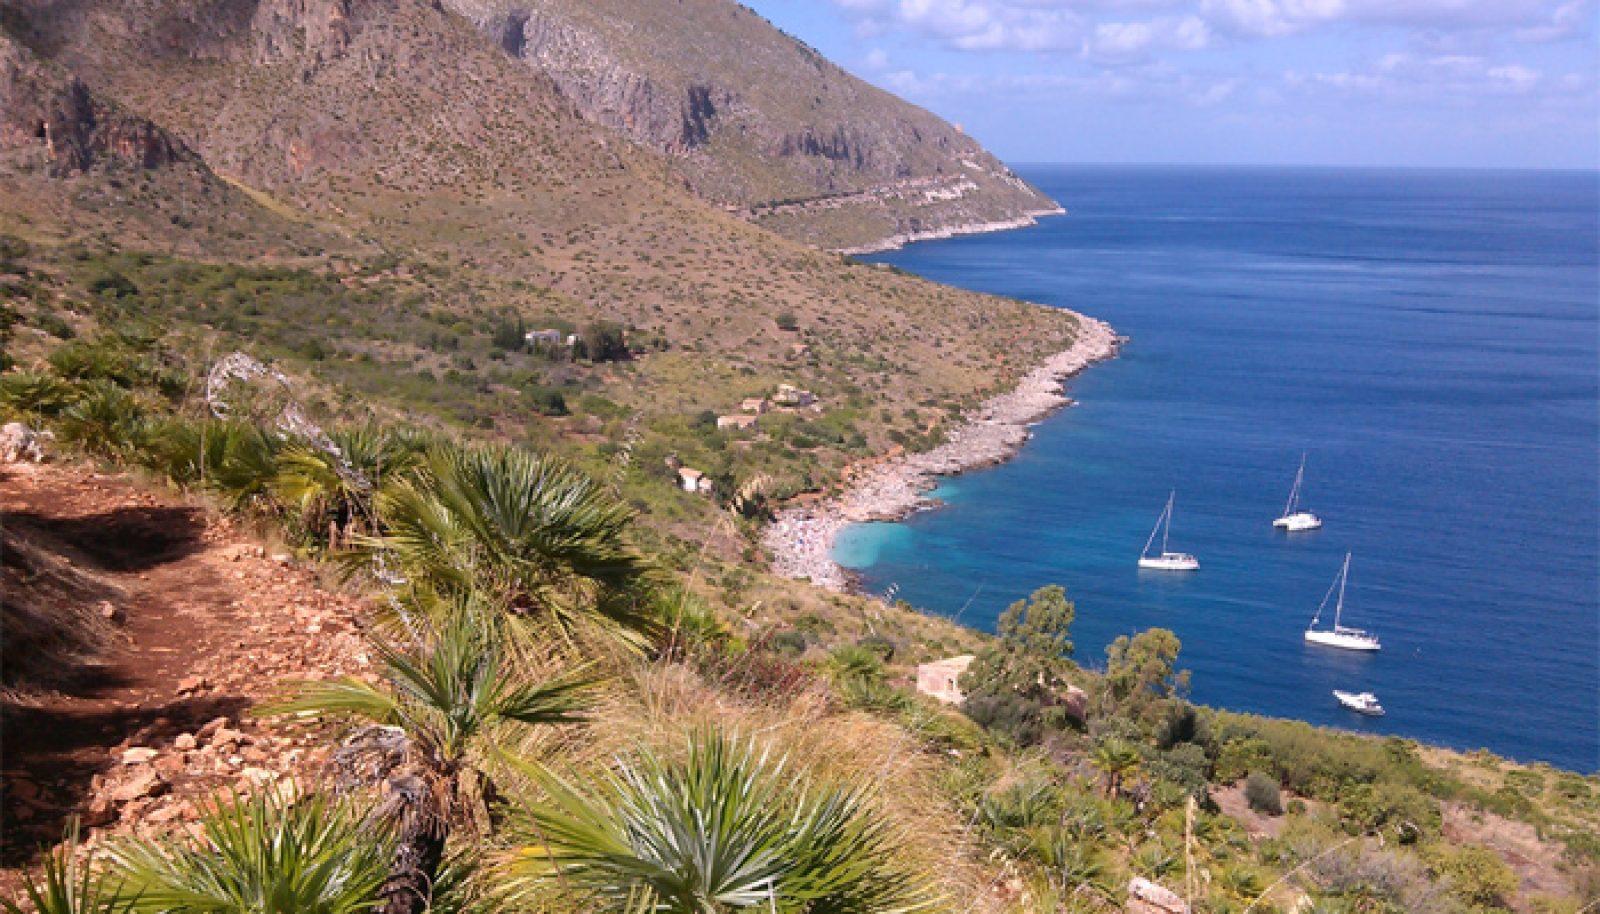 Riserve naturali in Sicilia: le più belle da esplorare